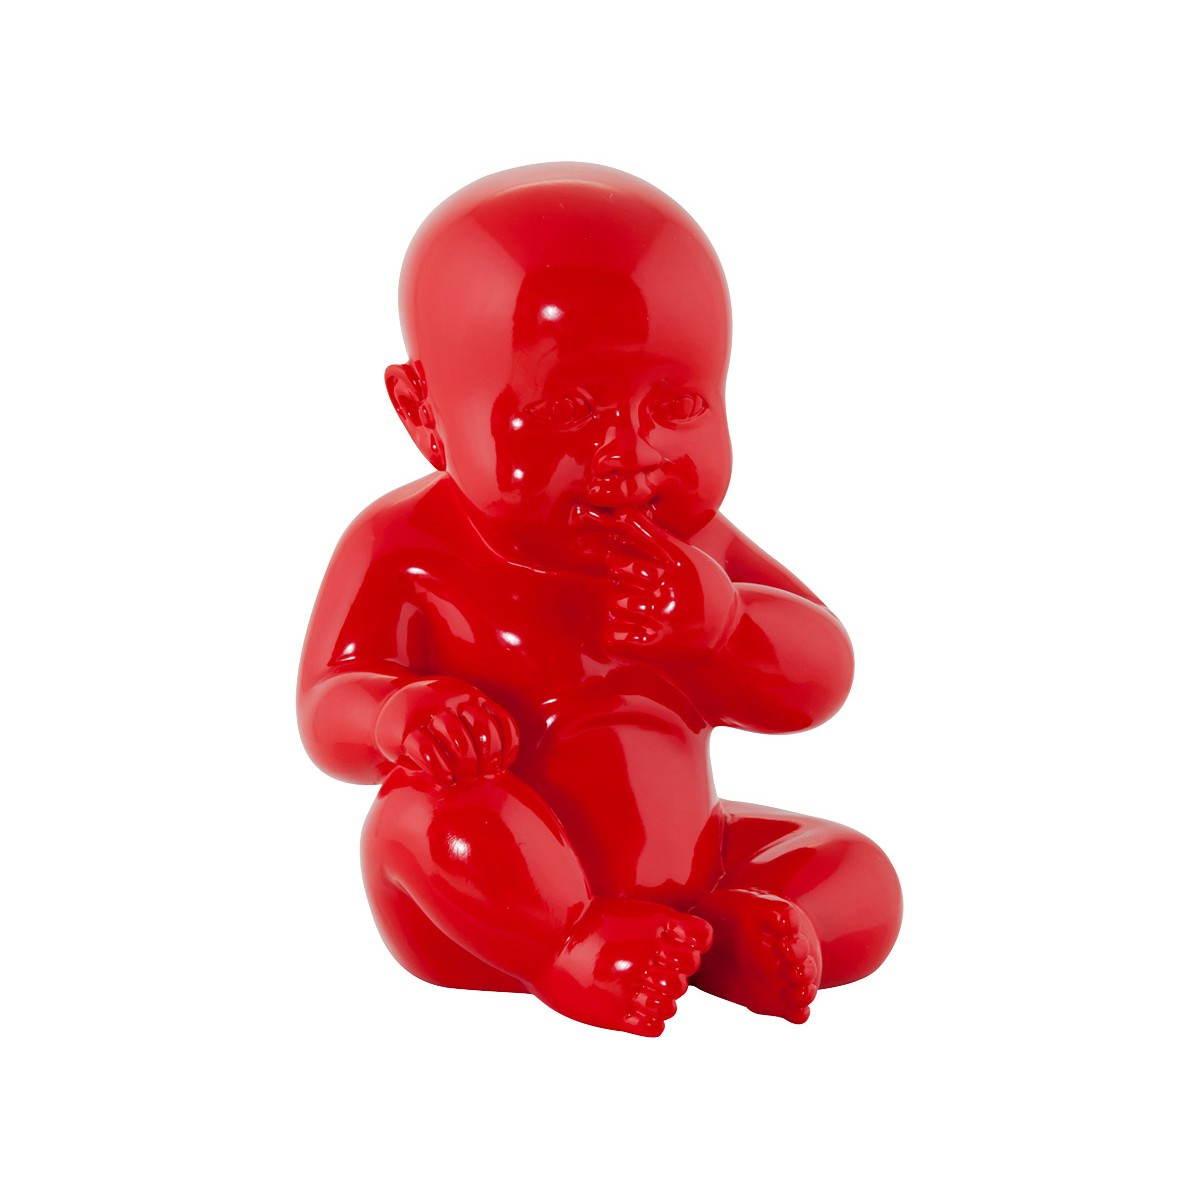 statuette form baby kissous fibreglass